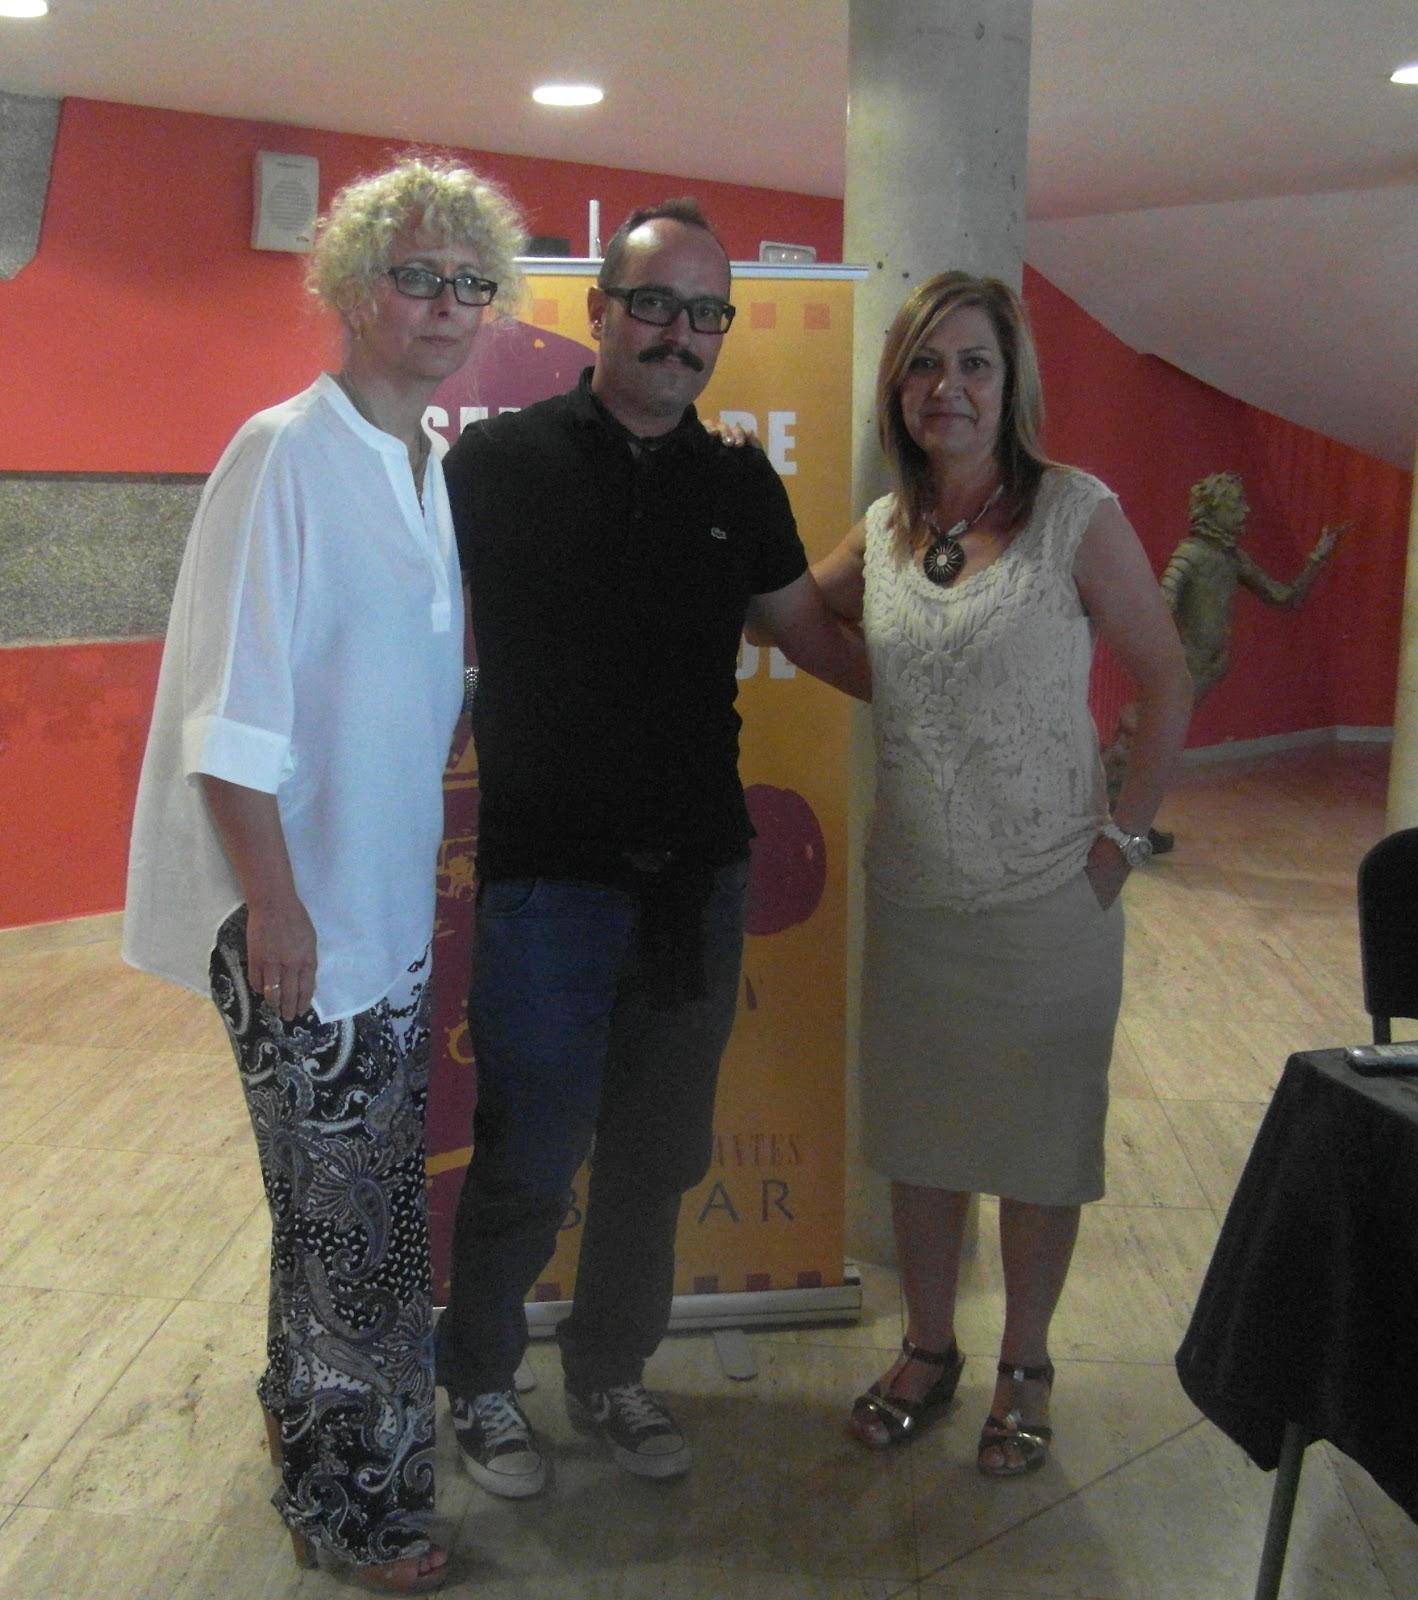 el cineasta junto al directora de la filmoteca y concejal de cultura del consistorio